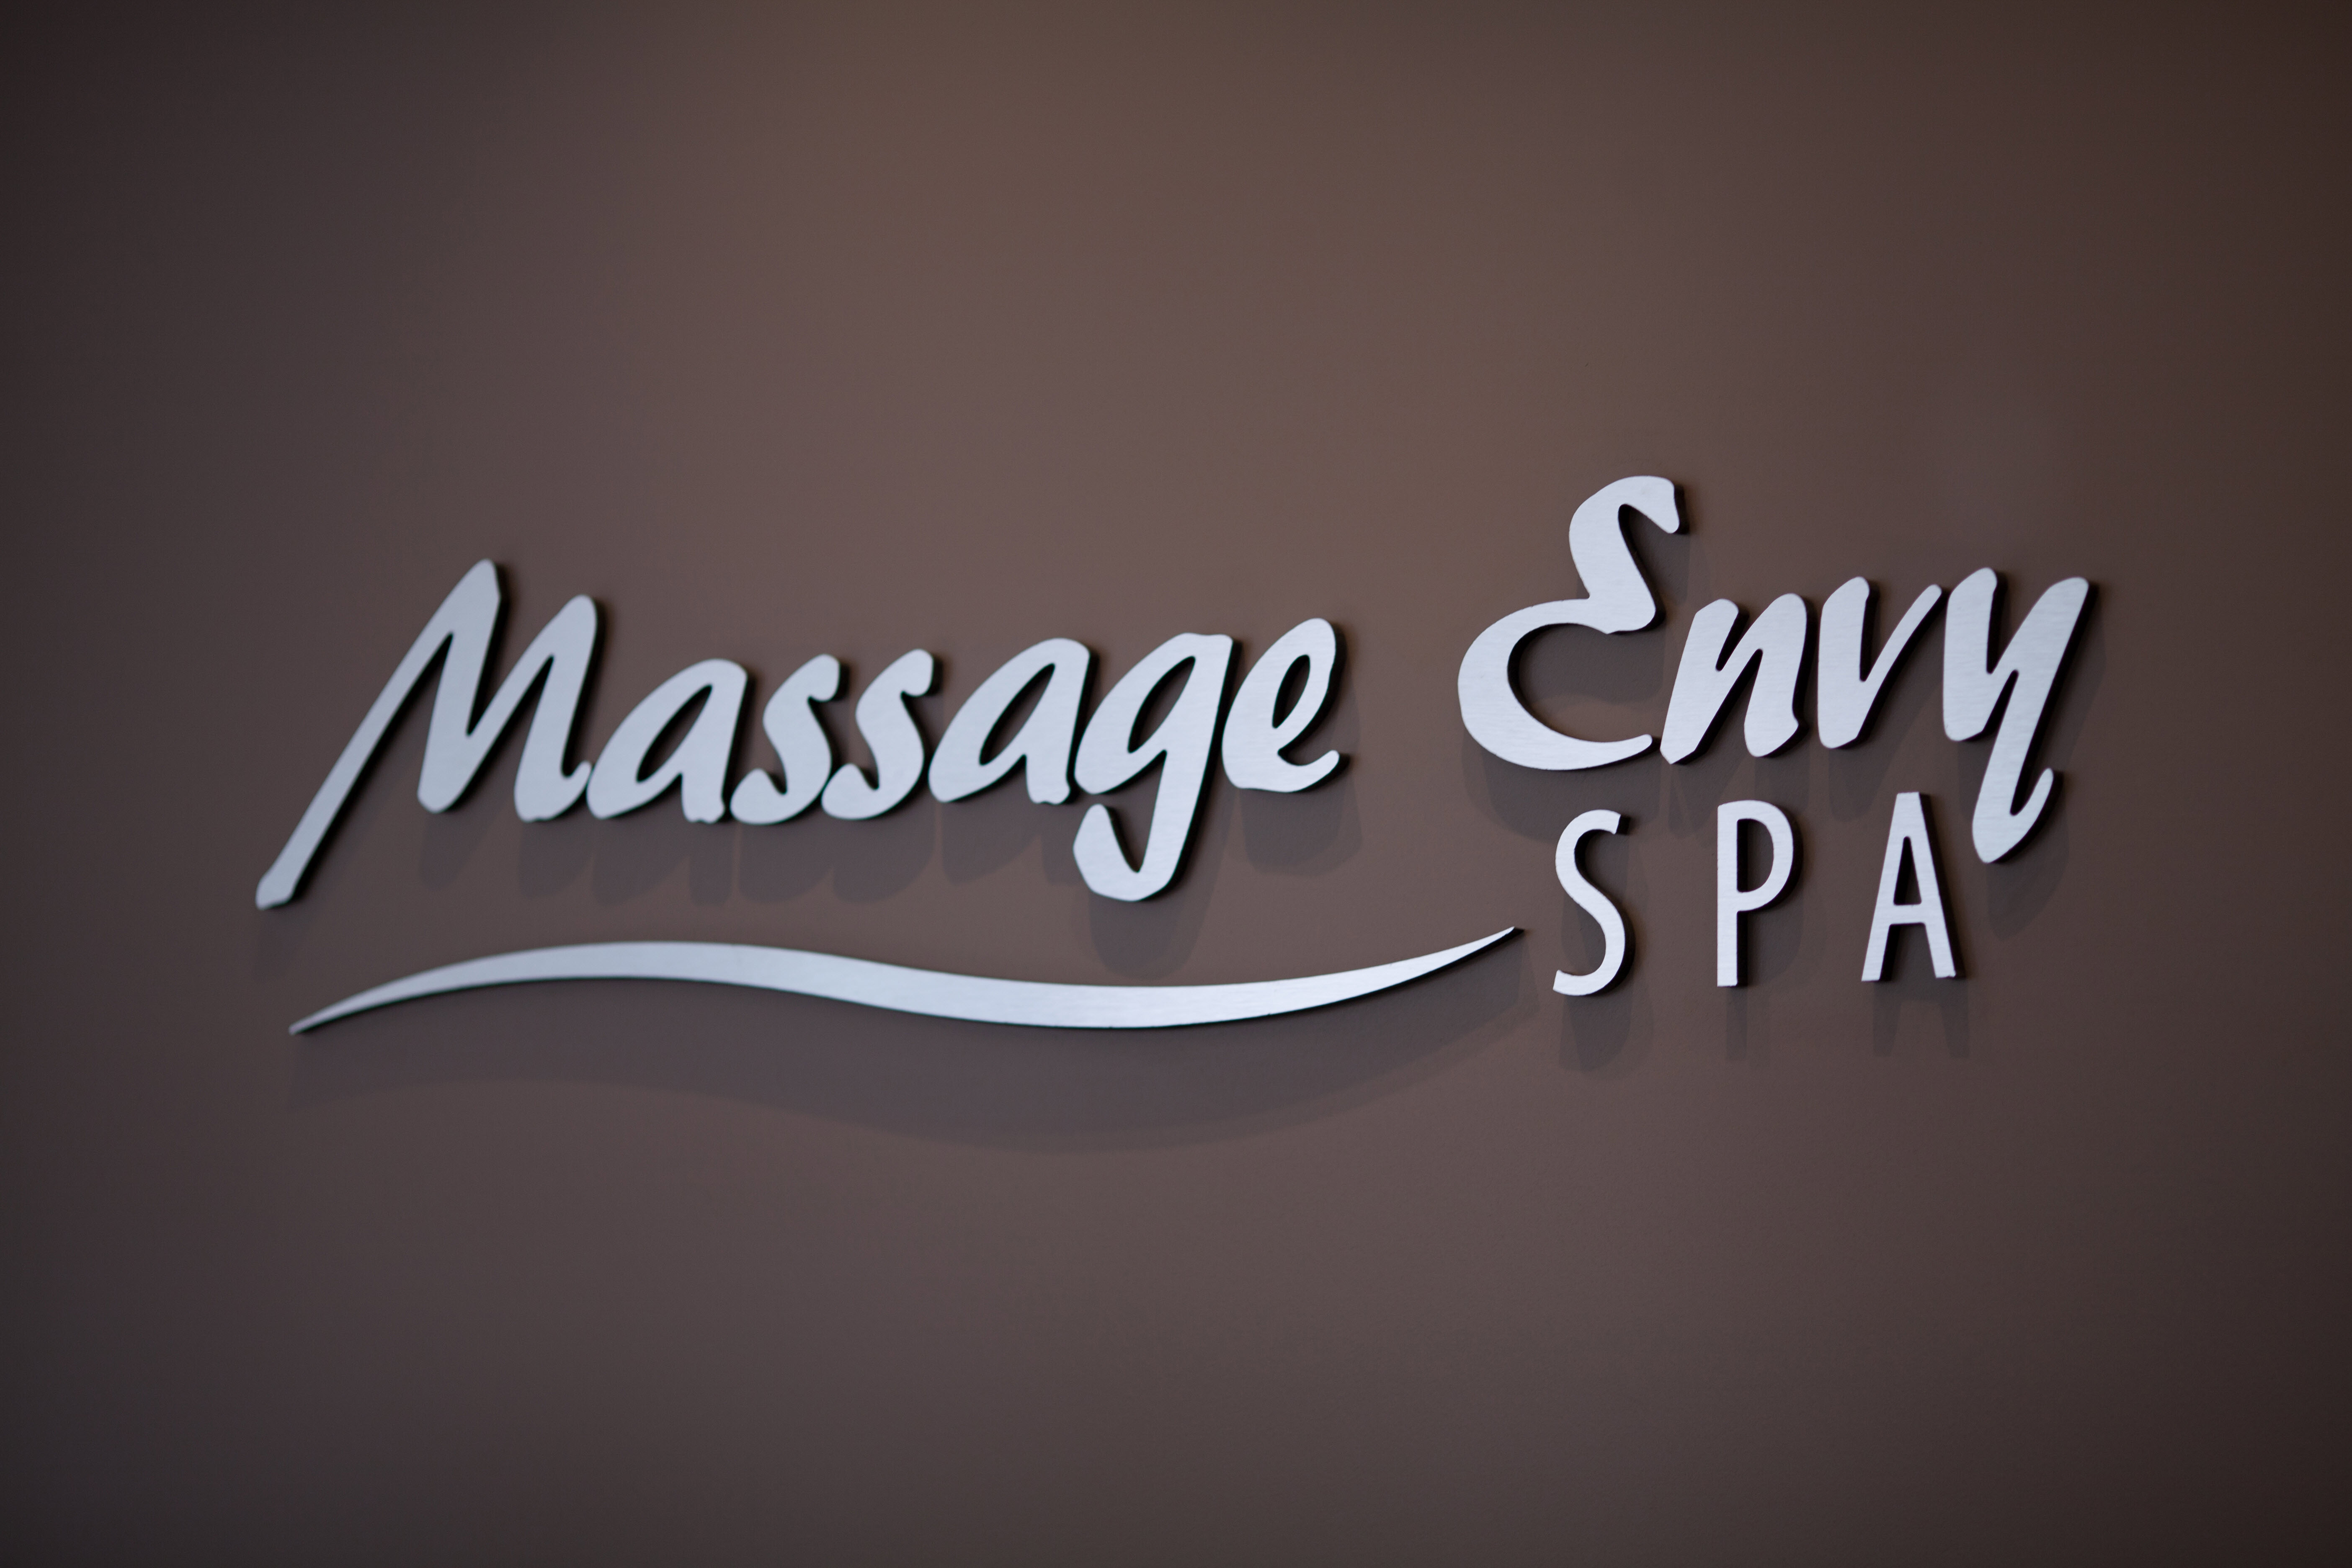 Massage Envy Spa - Claremont